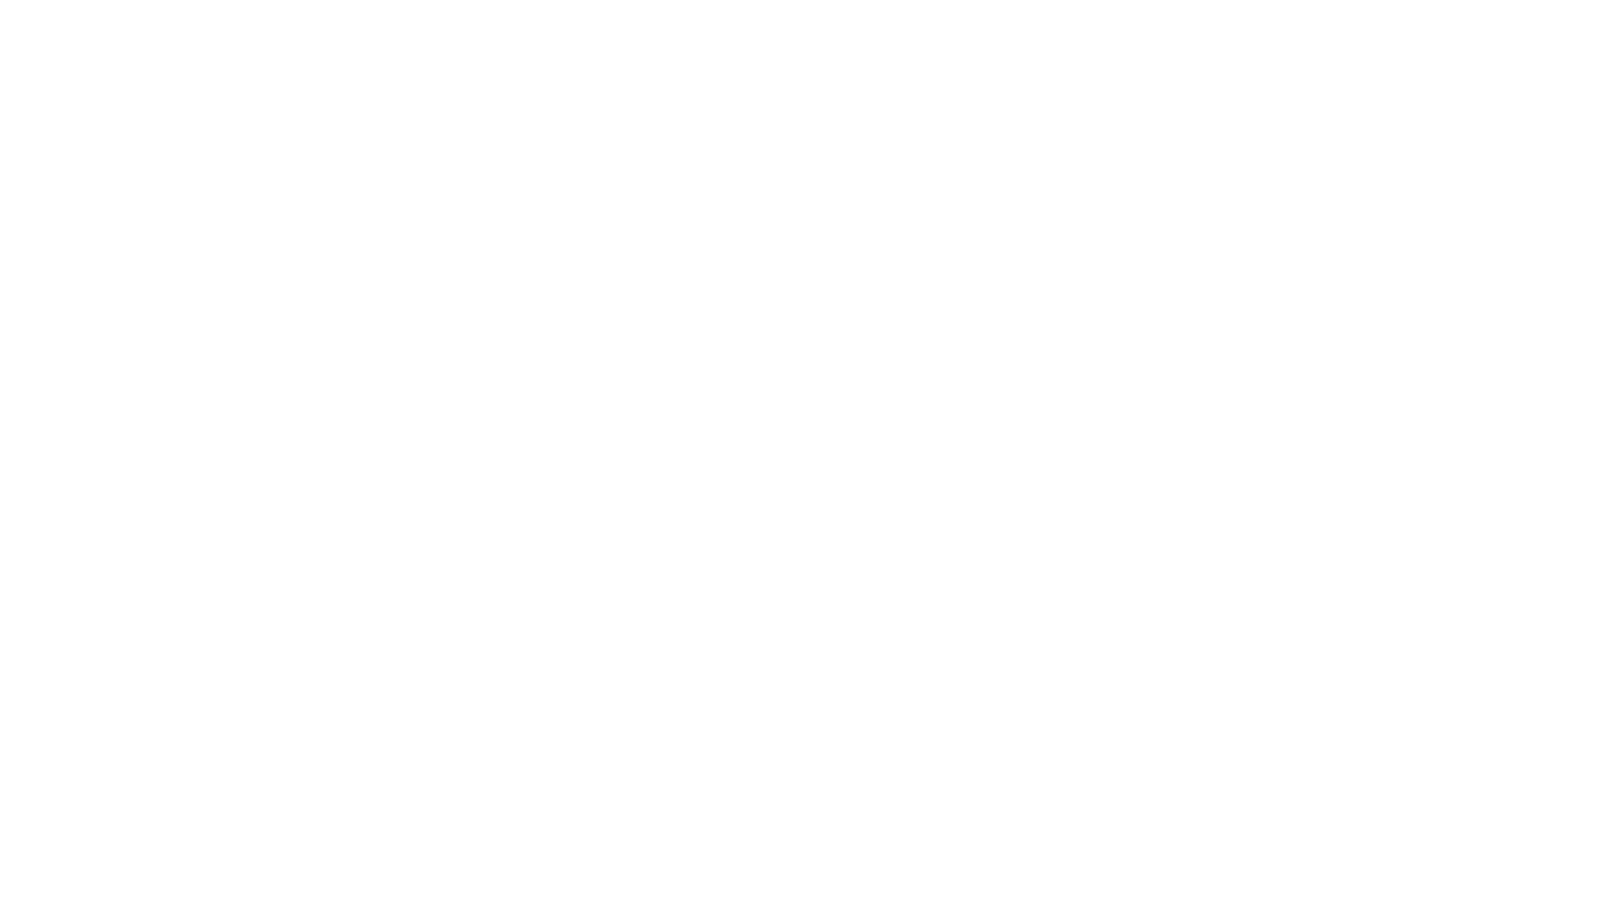 """Chers parents, chers enfants, nous sommes heureux de vous partager ce spectacle de marionnettes conçu et réalisé pour le stage de vacances """"théâtre et marionnettes"""" Les Gonies de février 2021; qui a eu lieu à la MDA de la Croix-Rousse. Ce spectacle de sock puppets s'inspire de l'oeuvre """"les habits neufs de l'empereur"""" de Hans Christian Andersen. 💜🙏 Encore un grand BRAVO et MERCI à Sidonie Vilas Boas, Romane Brandeis et Matthieu Bousquet, étudiants en PPES-COP, au conservatoire de théâtre de Lyon pour tout le travail fourni! et bien sûr MERCI à la MDA, toujours à nos côtés dans nos aventures (ré)créatives."""